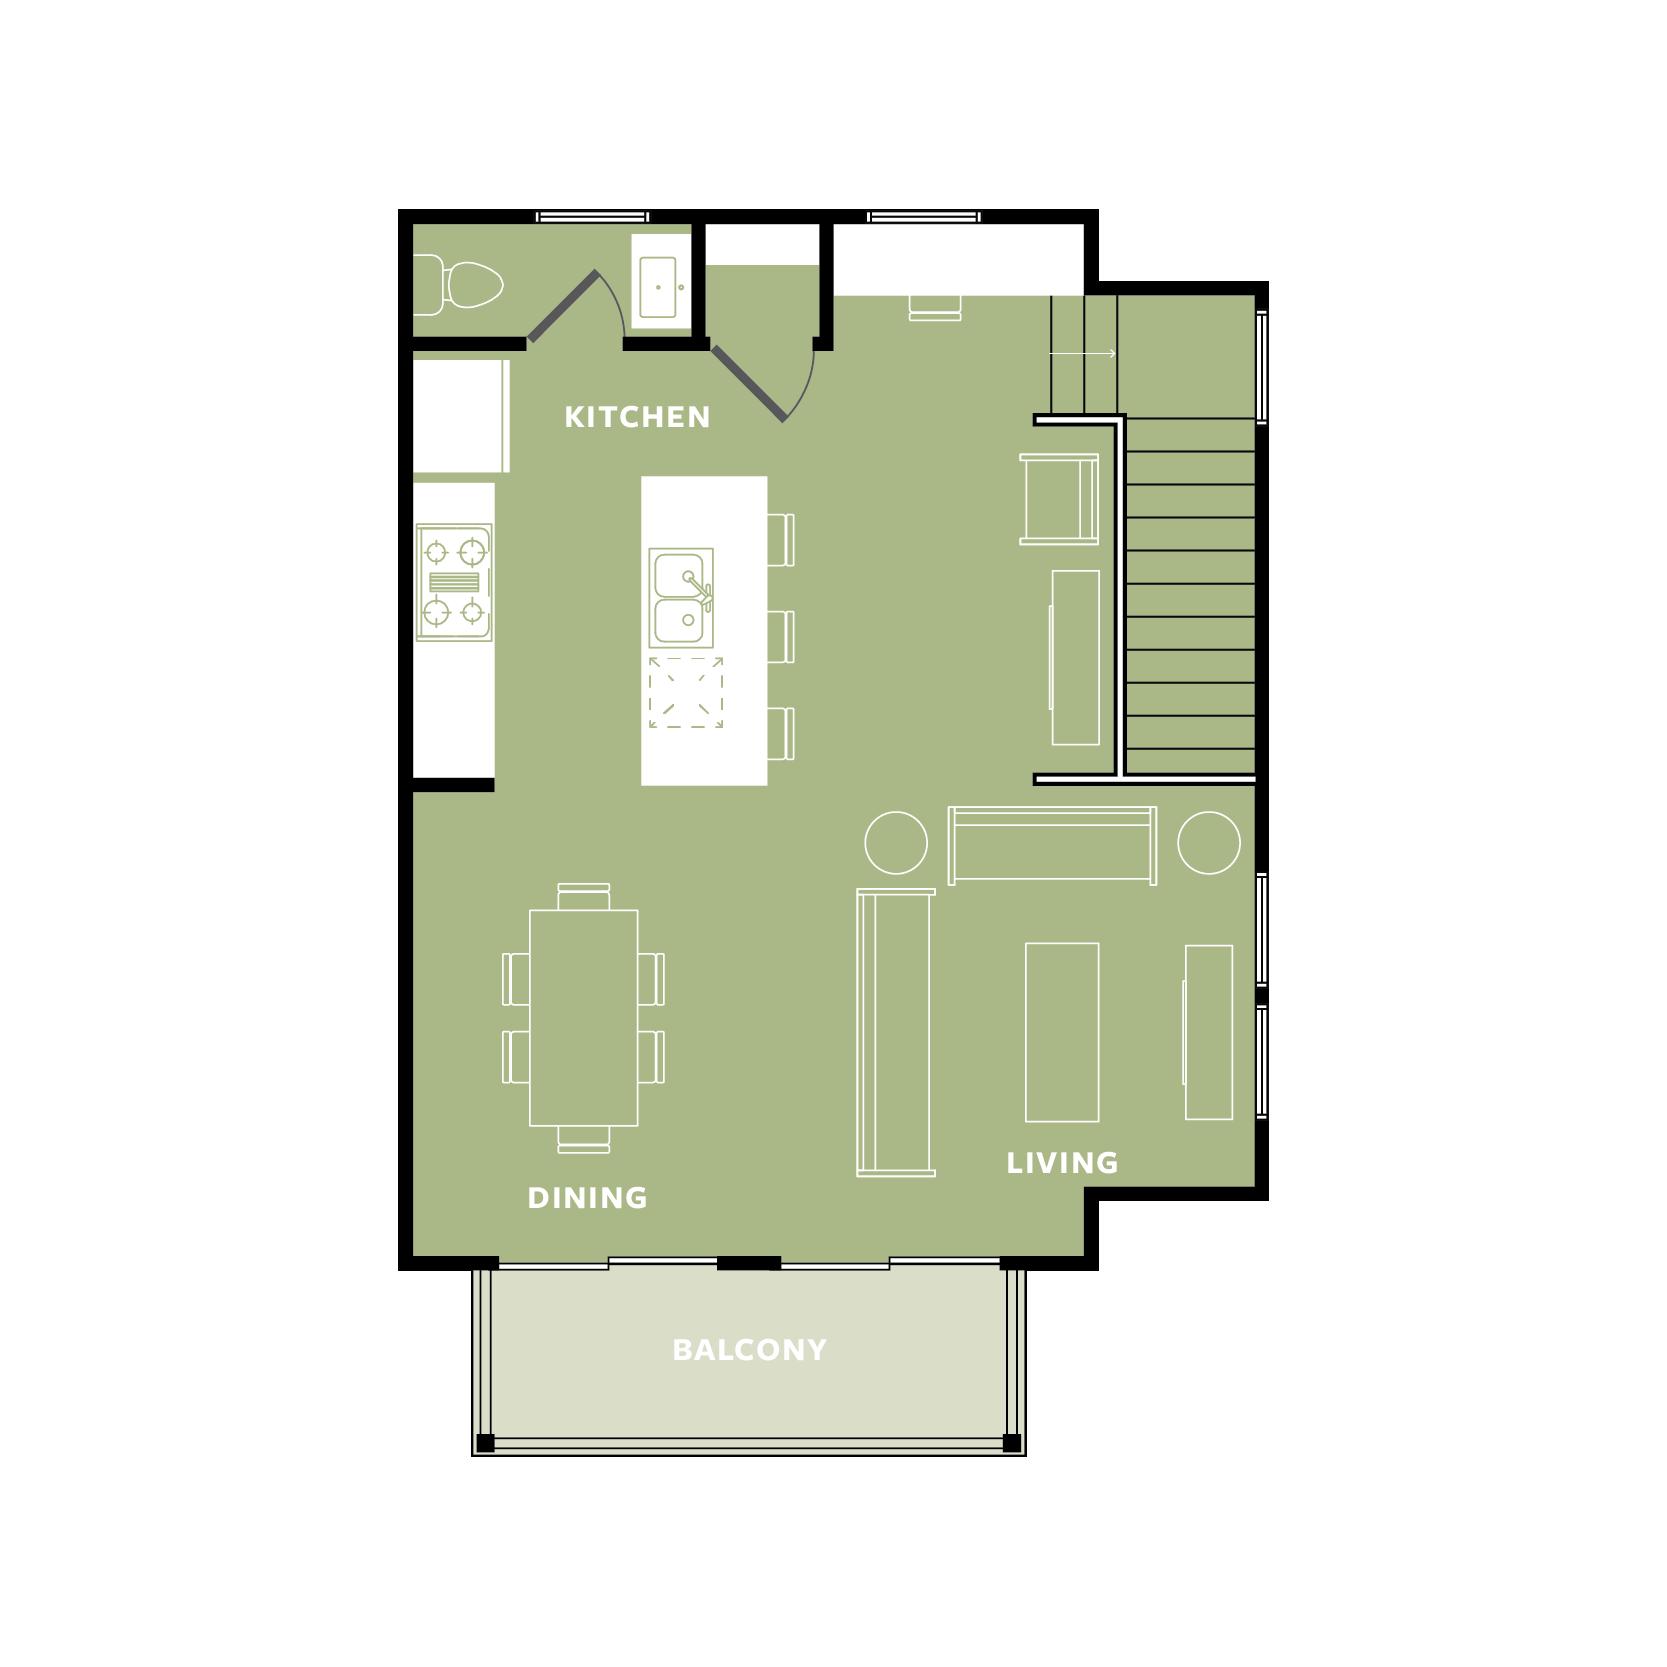 GREEN: Top Floor